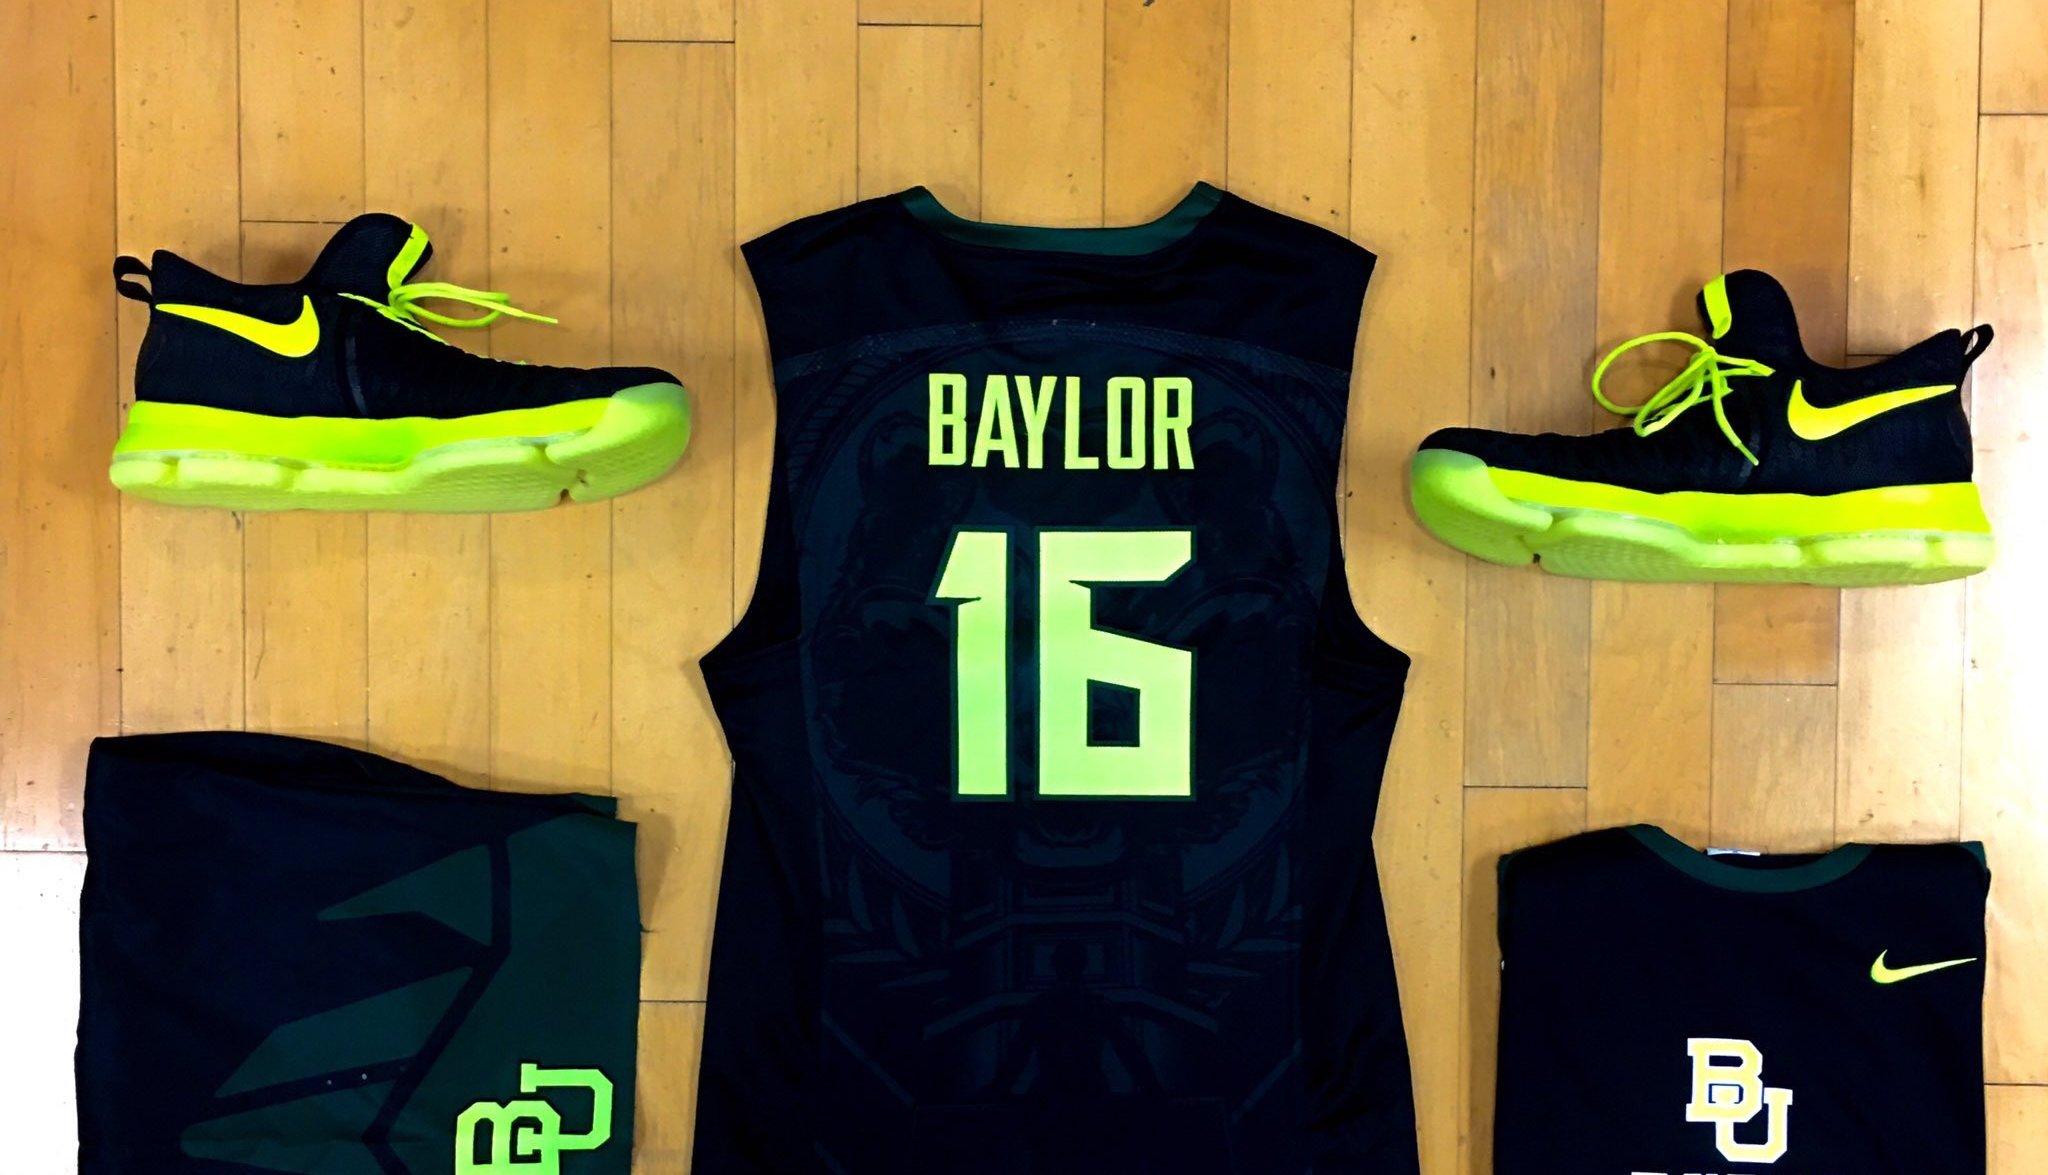 Baylor Bears Basketball Shoes